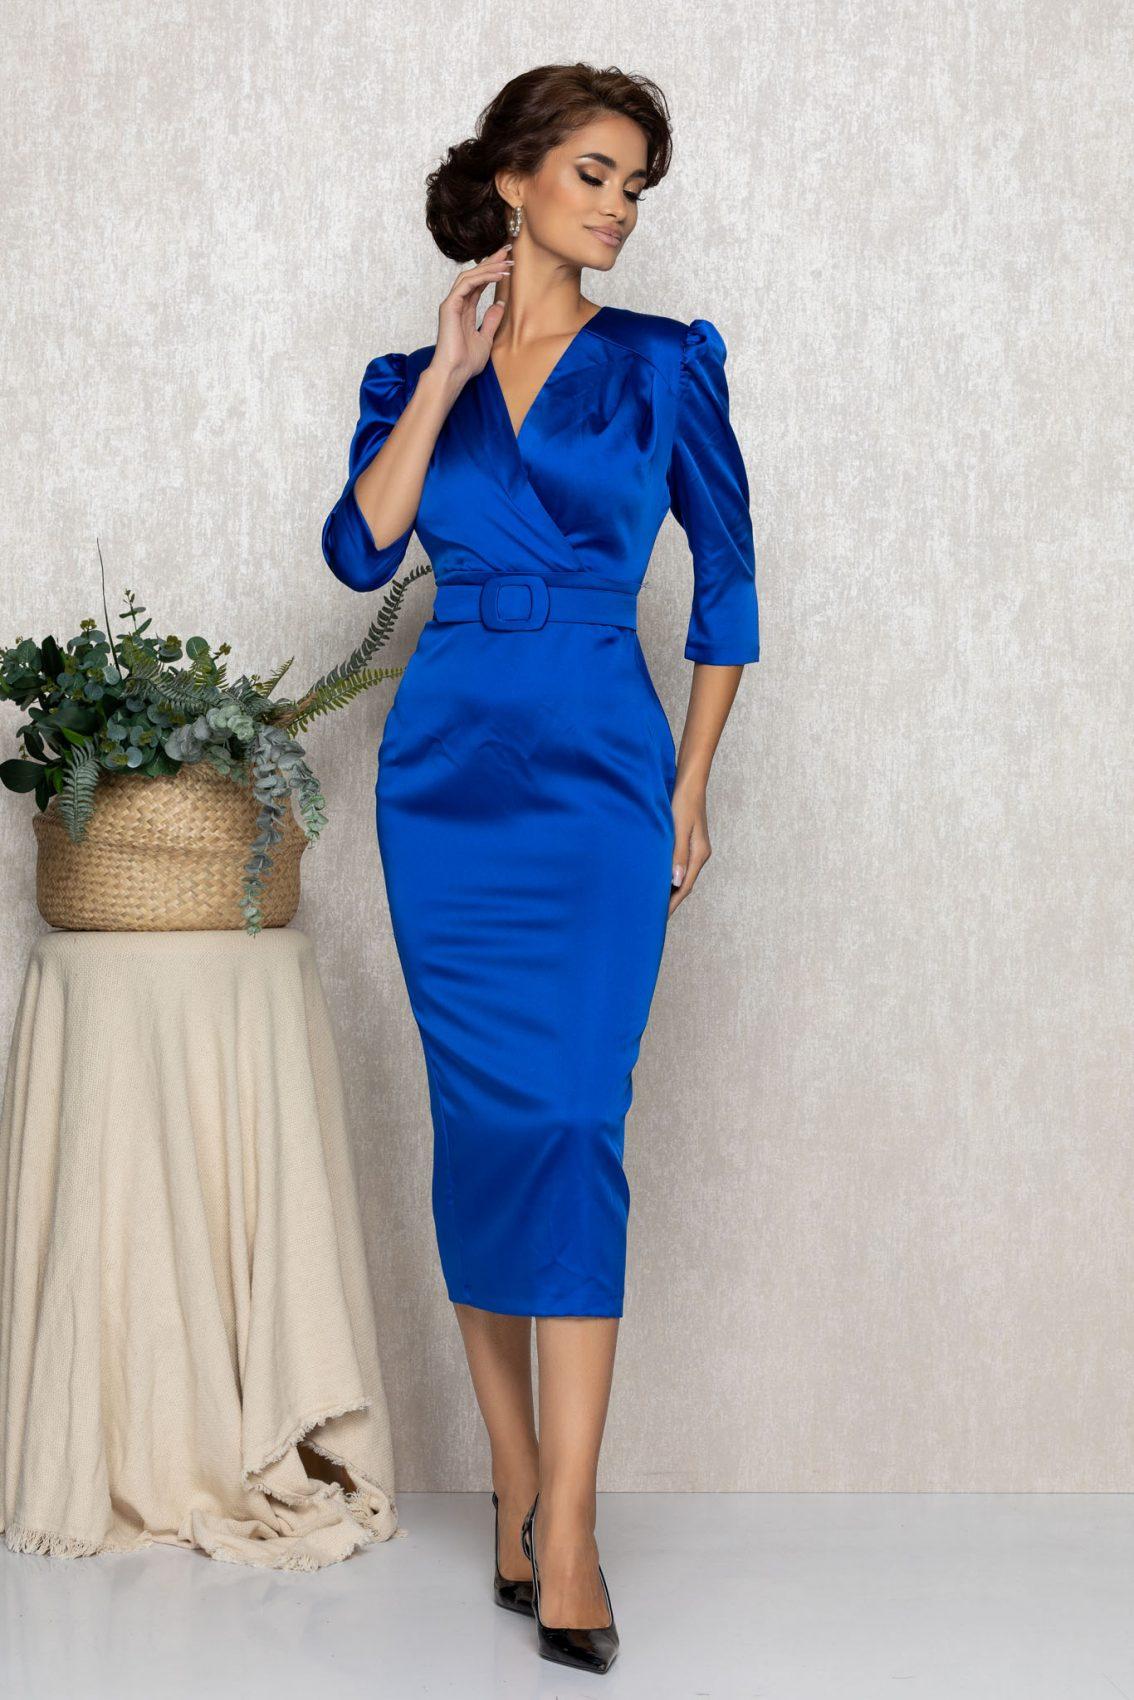 Μπλε Ρουά Σατέν Μίντι Βραδινό Φόρεμα Brillia T171 1